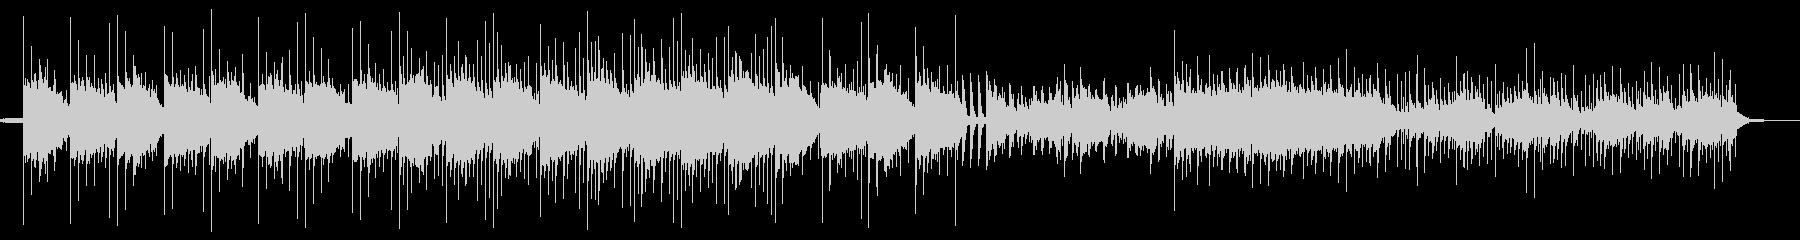 ピアノNewAge & Ambientの未再生の波形